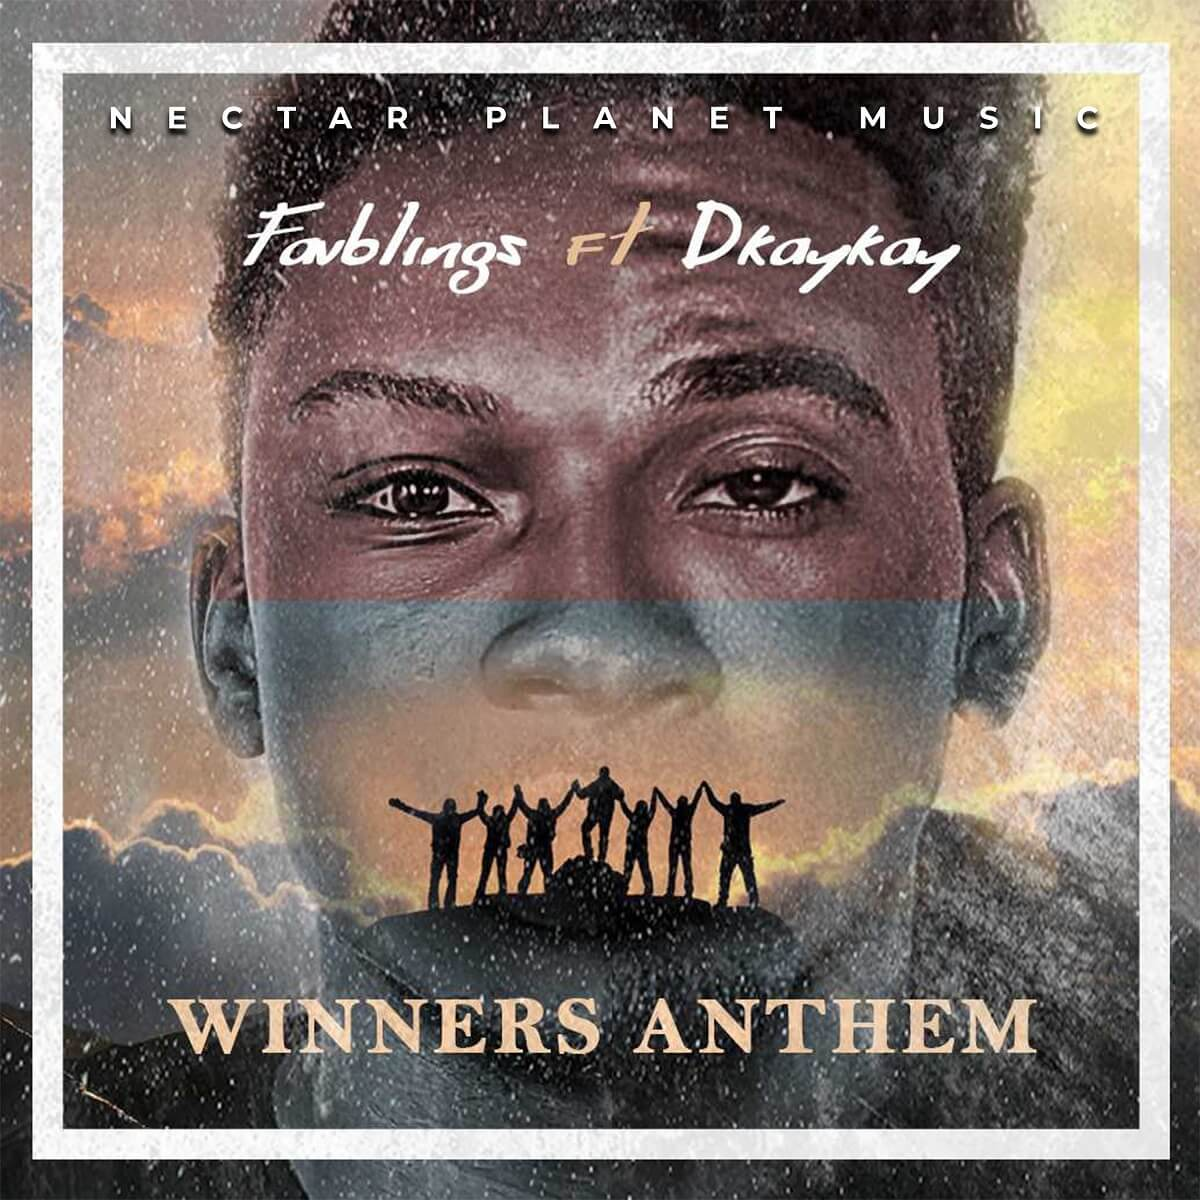 Favblings Ft. Dkaykay - Winners Anthem